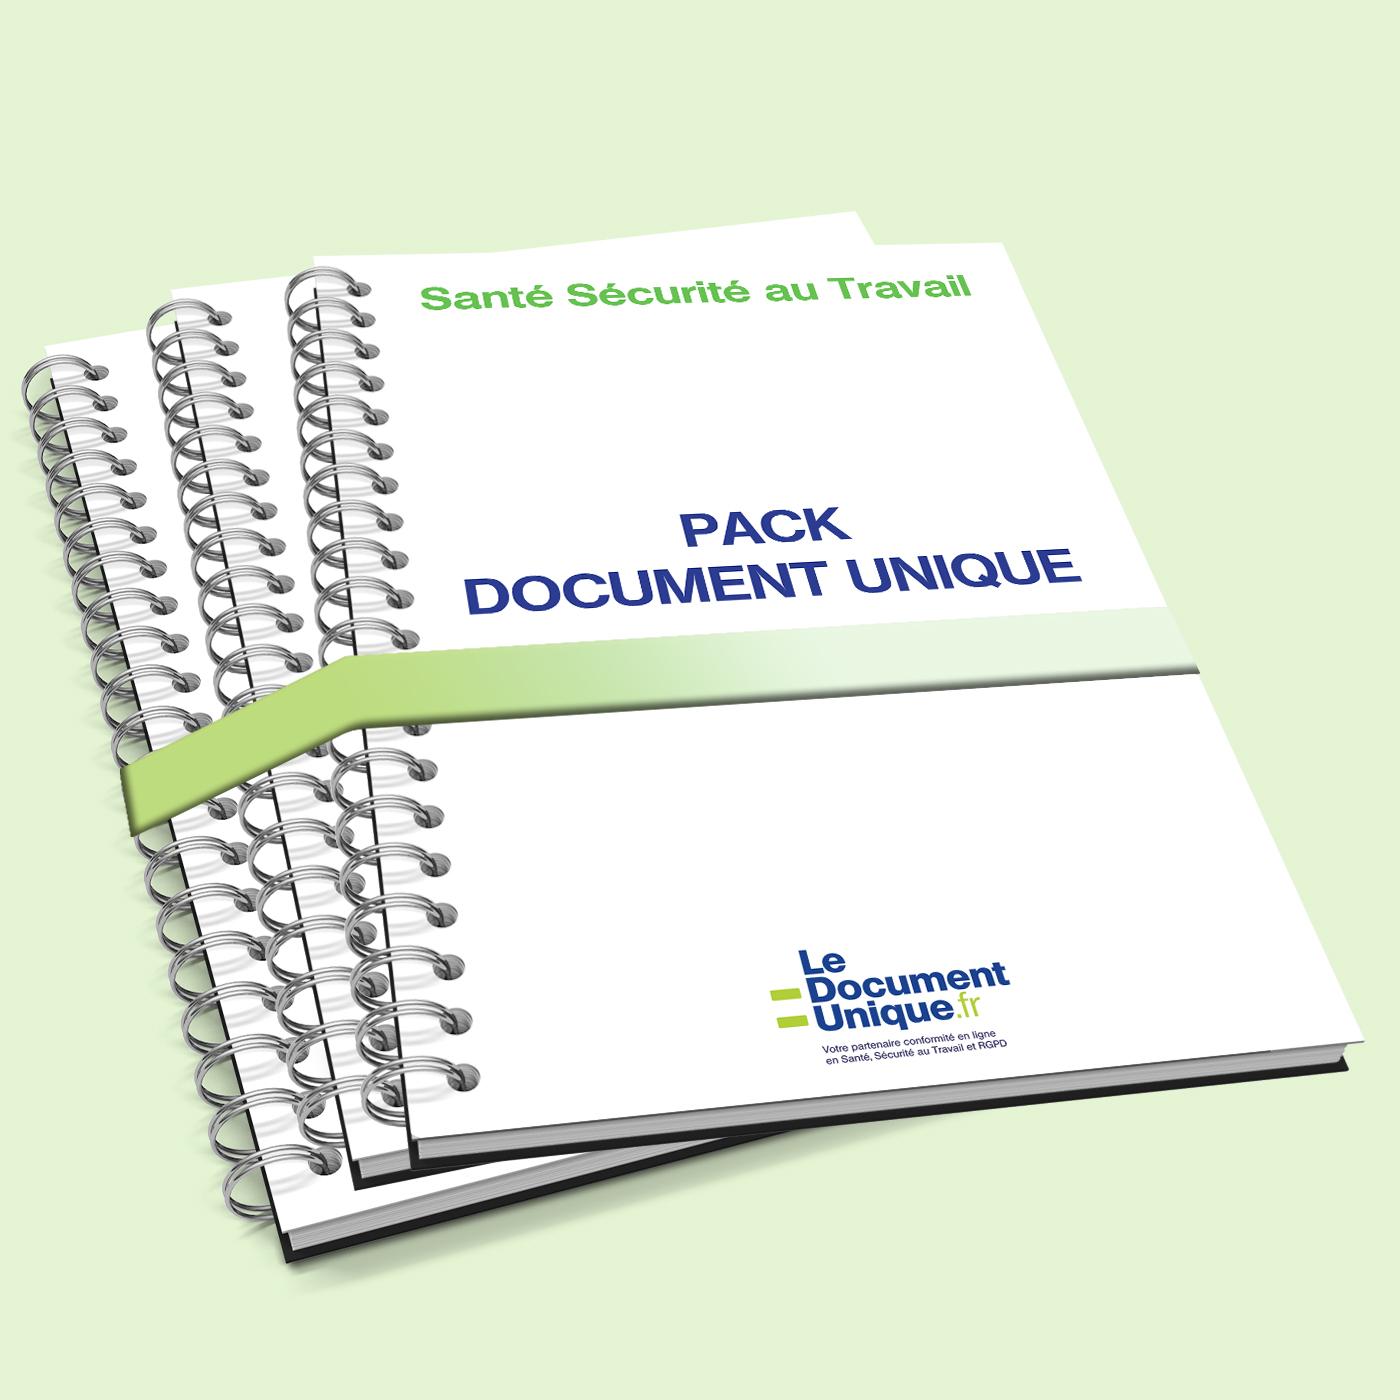 Pack document unique pour les entreprises